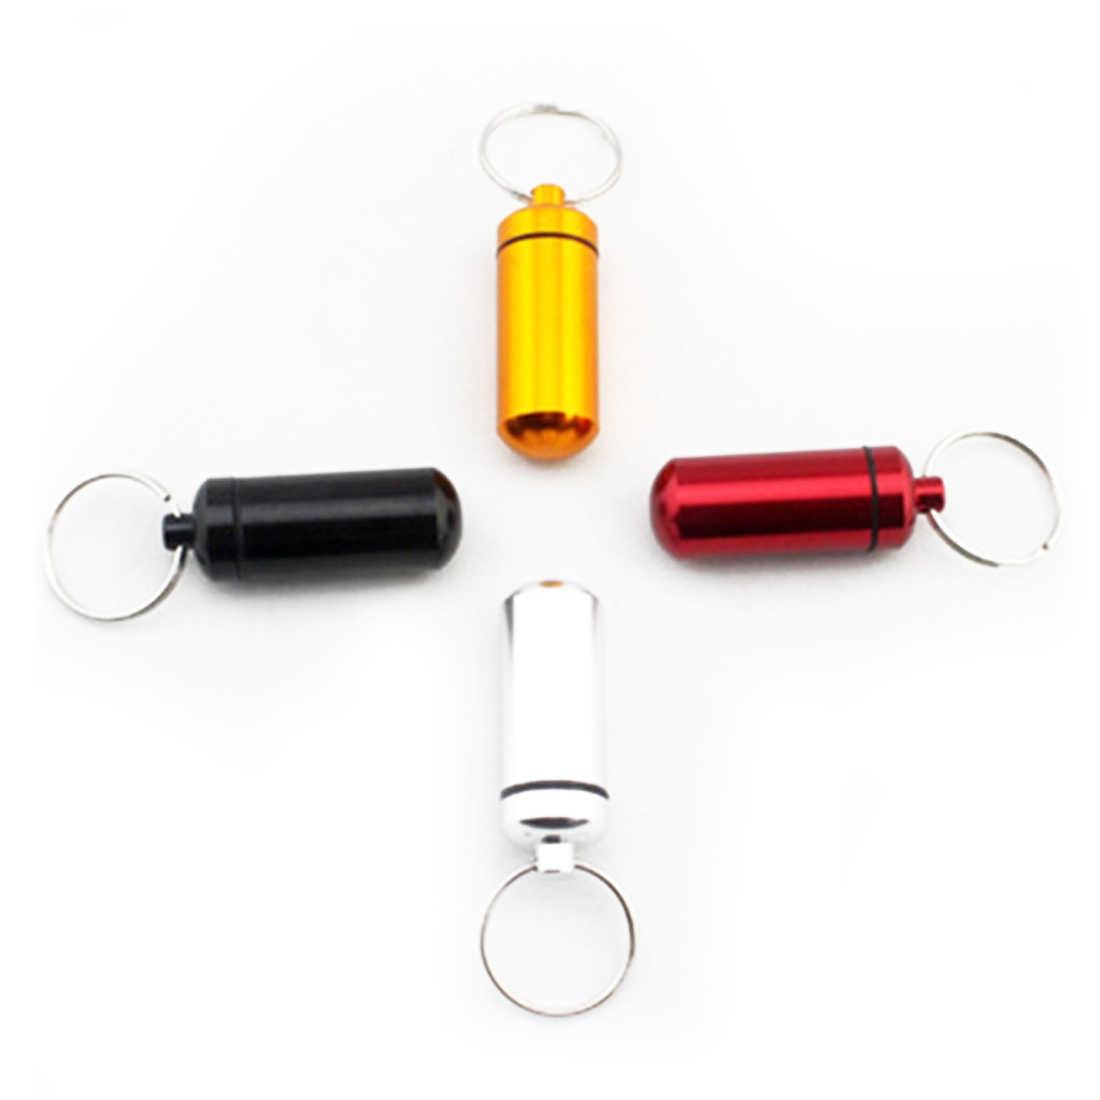 صندوق زجاجة دواء صغير مختومة صندوق لحبوب الدواء من المعدن الألومنيوم تخزين حاوية علب مقاوم للماء سبائك الألومنيوم حلقة رئيسية